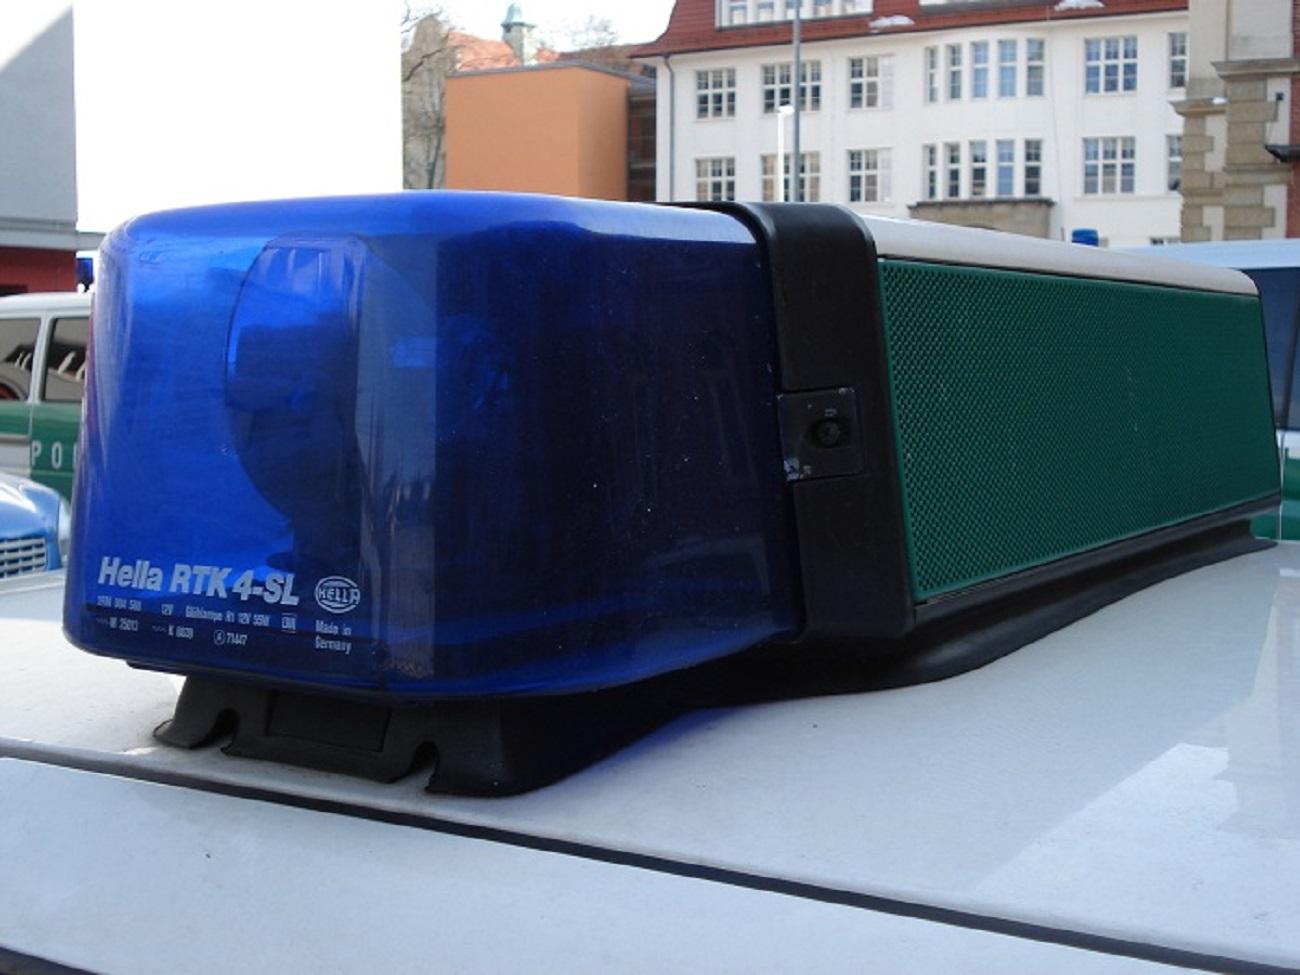 ВНижнем Новгороде шофёр «ГАЗели» насмерть сбил 58-летнего пешехода